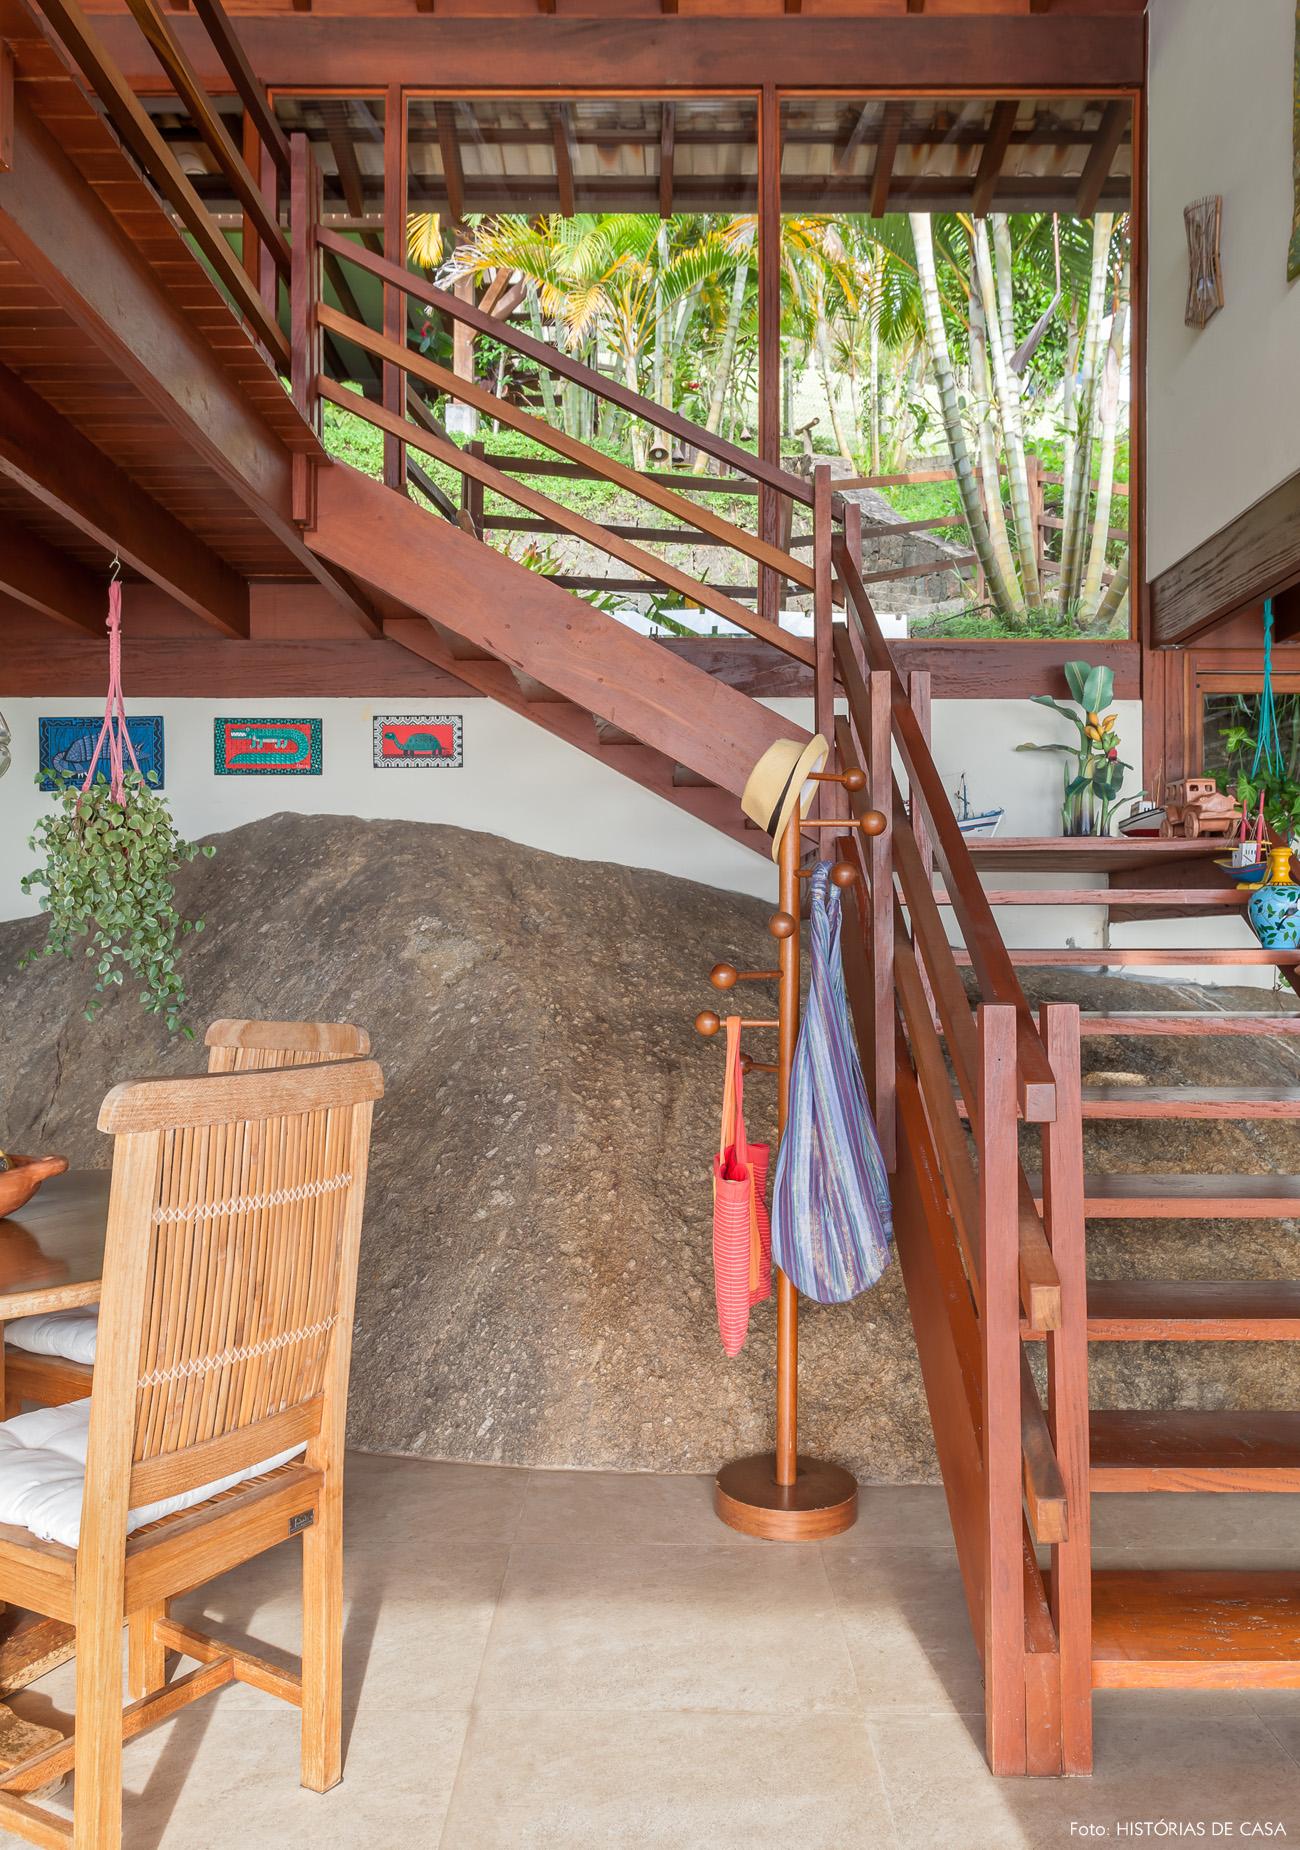 18-decoracao-casa-de-praia-arquitetura-escada-madeira